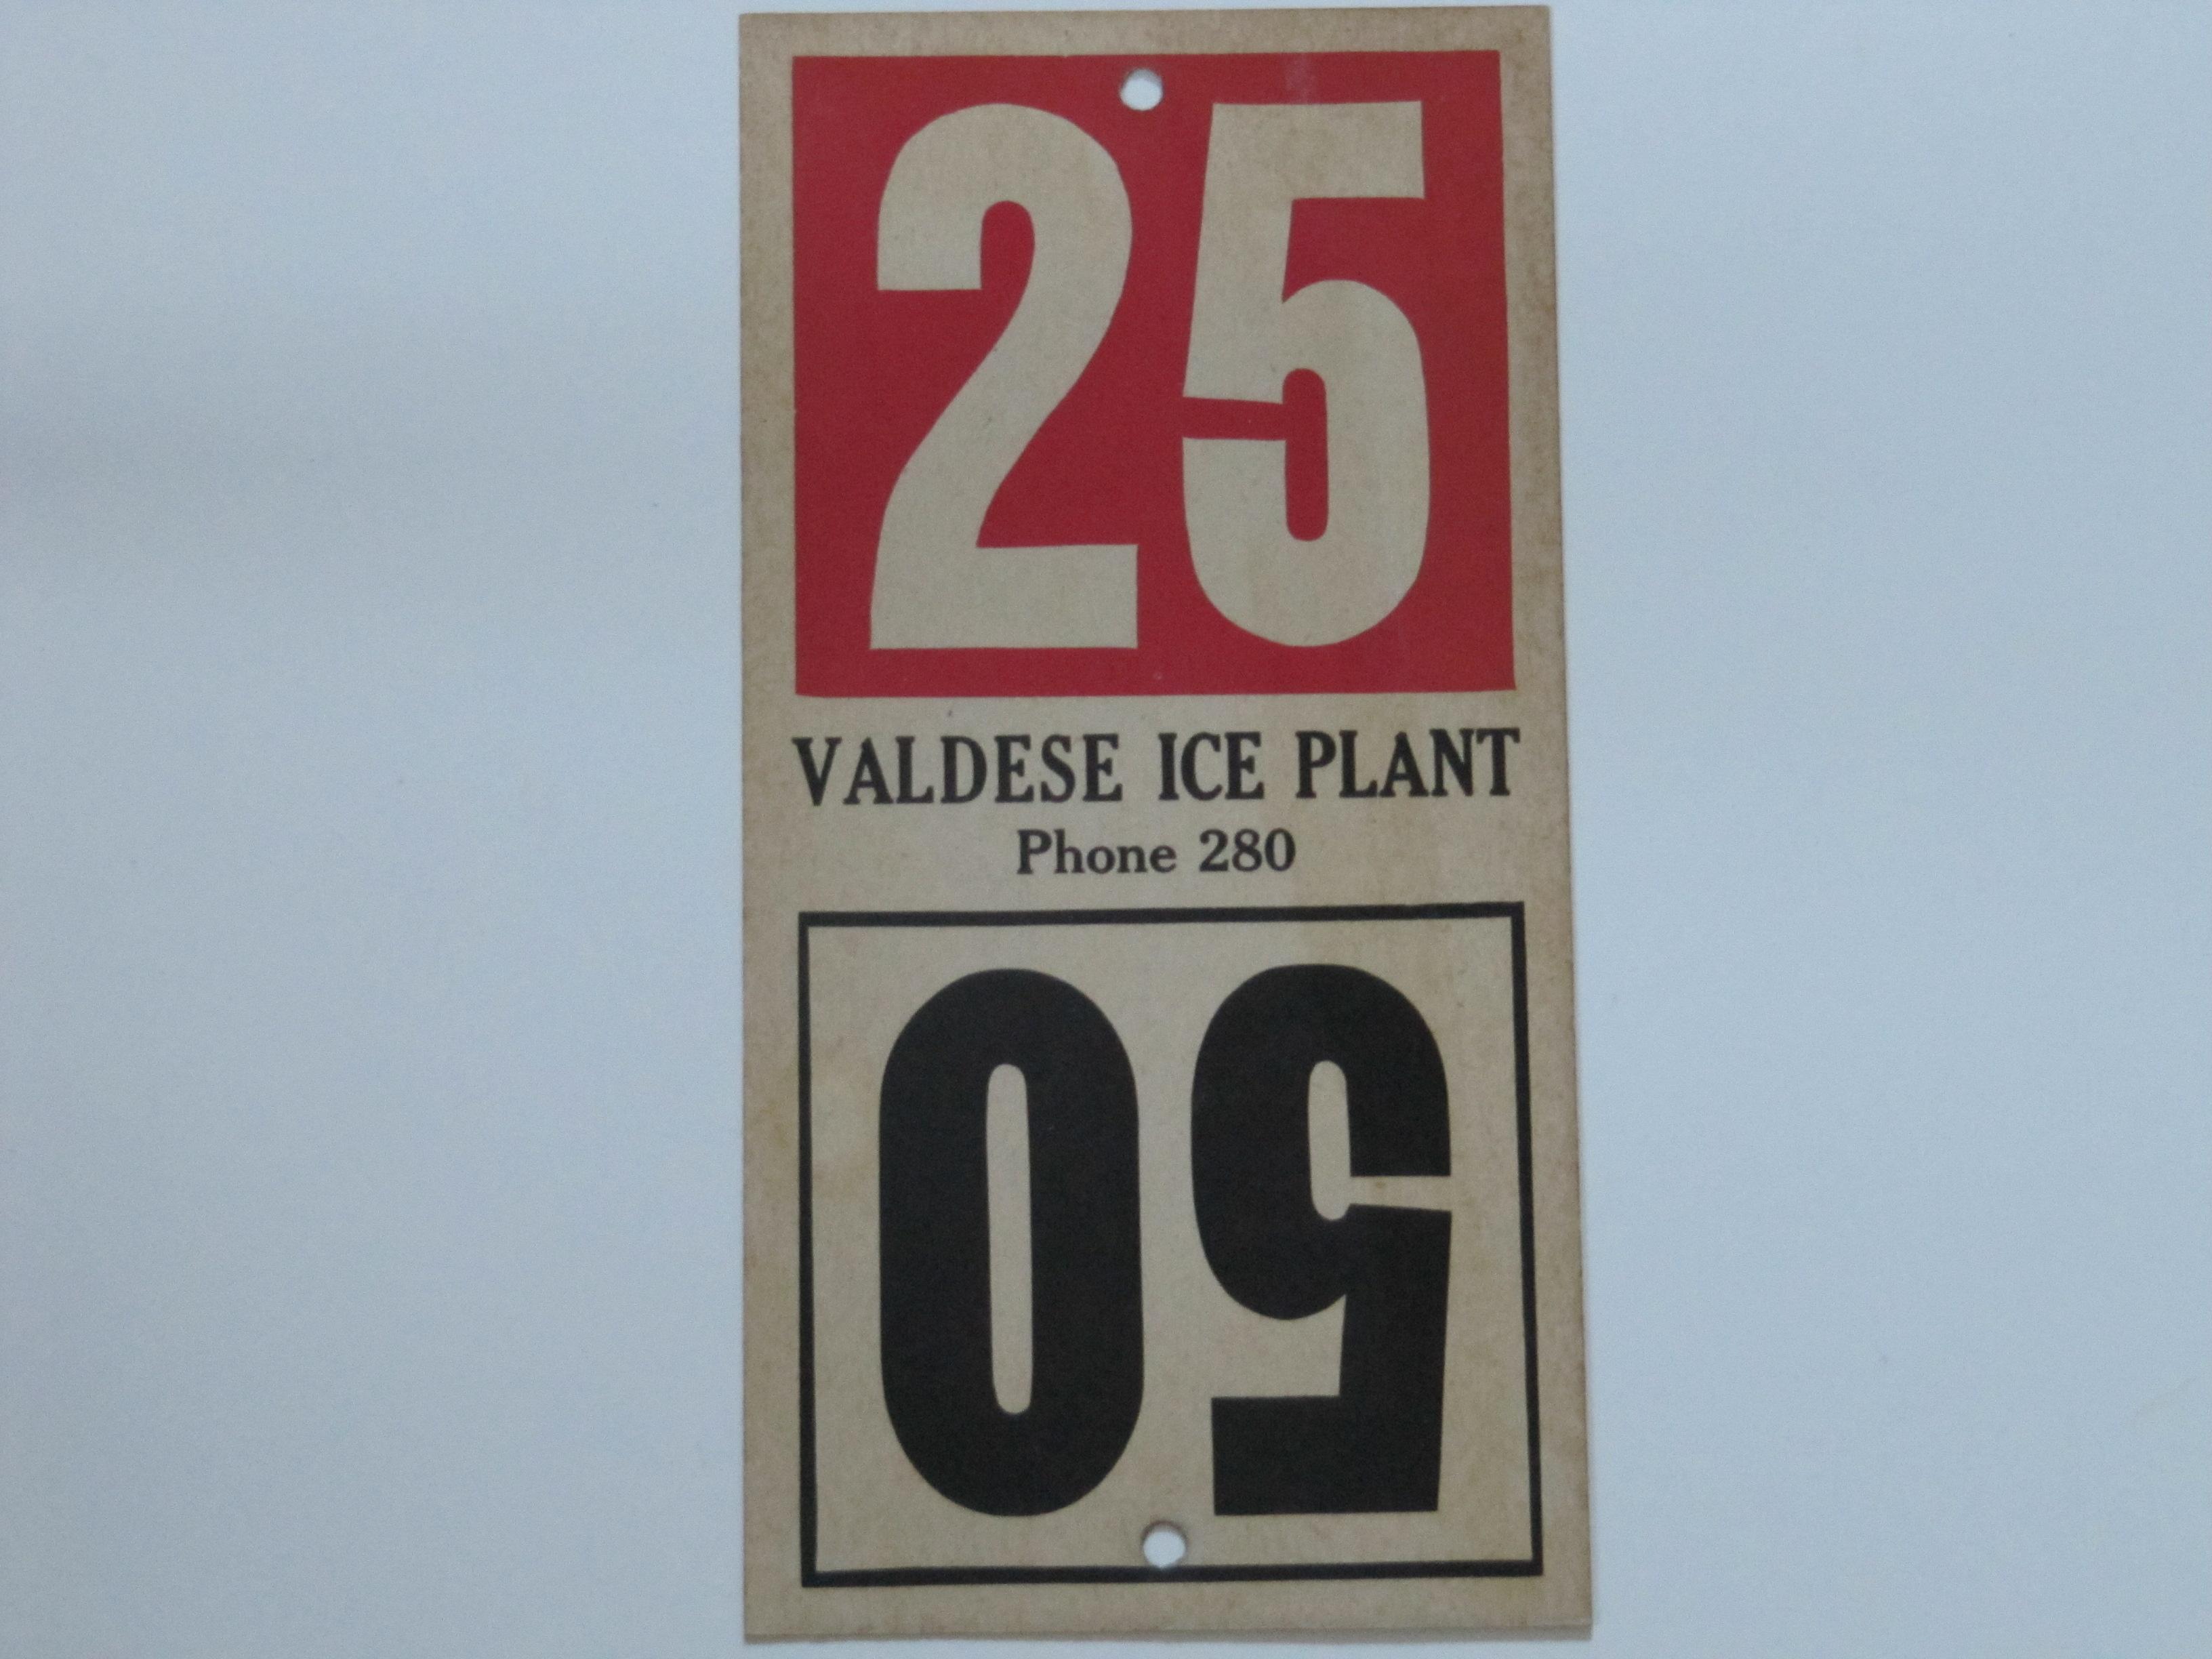 Valdese Ice Plant